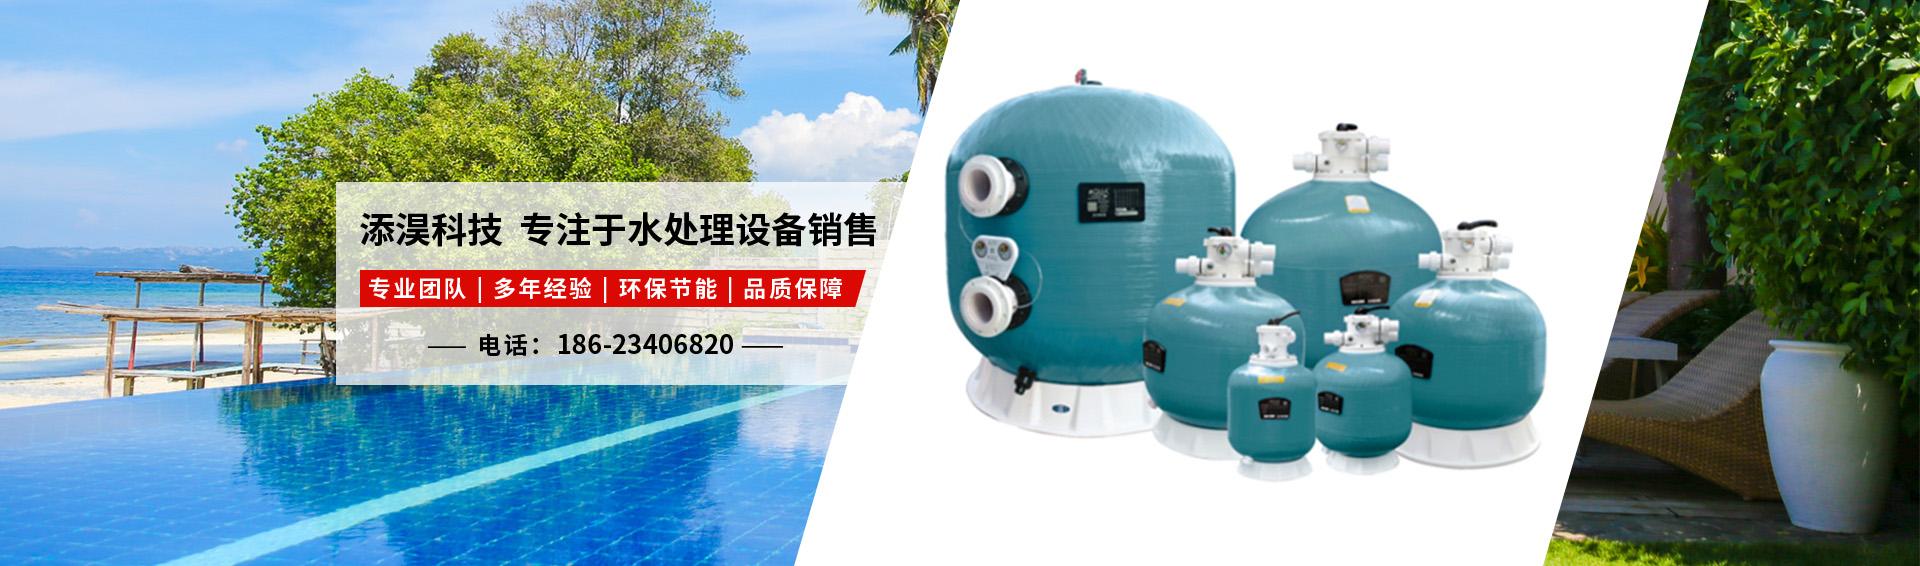 重庆雨水回收系统设备厂